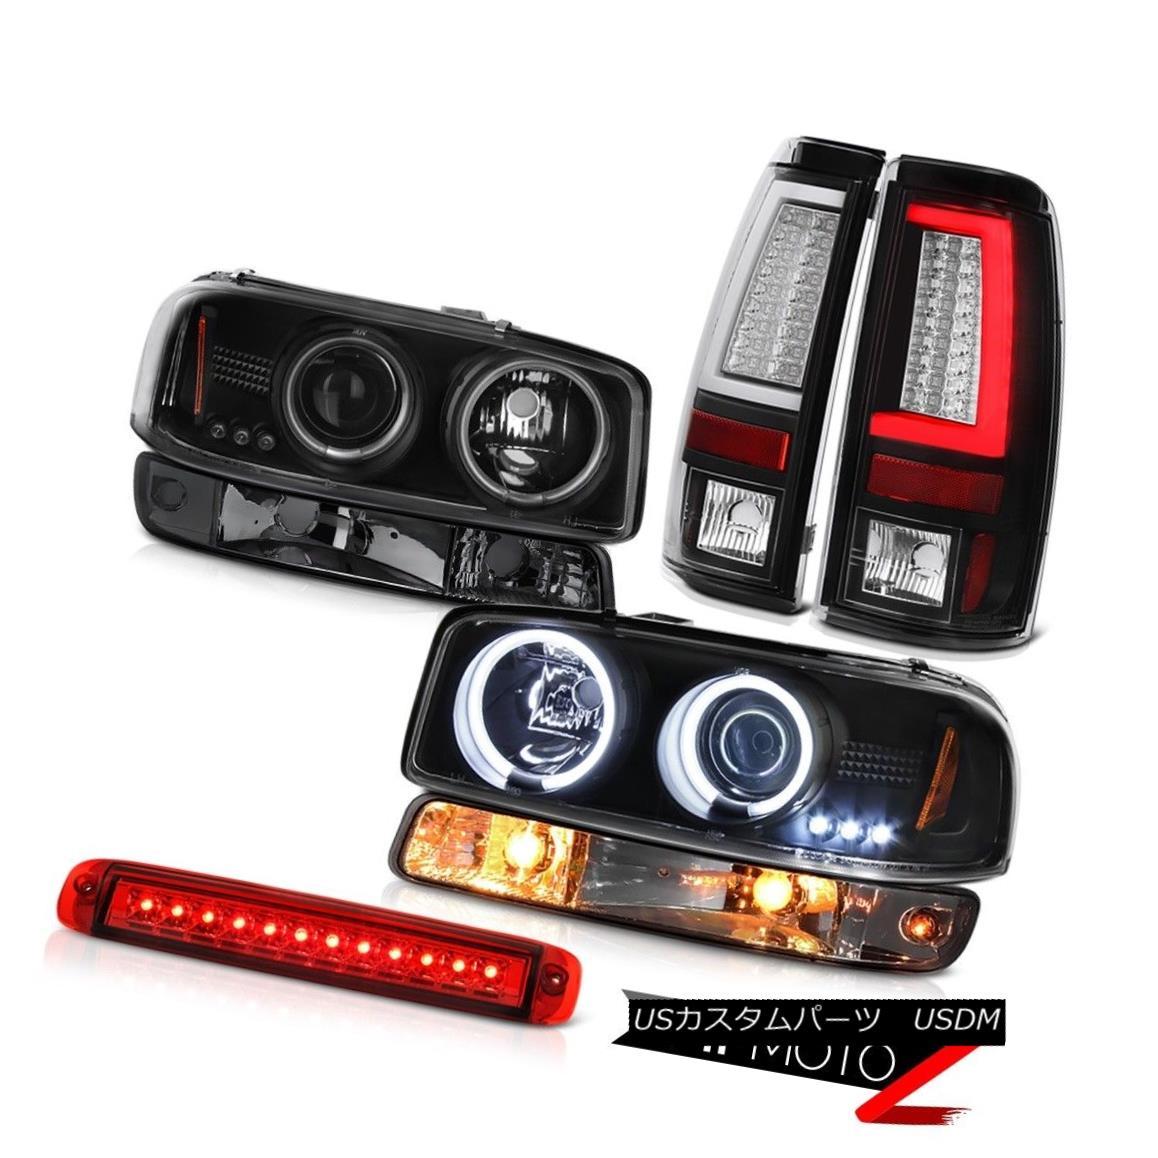 テールライト 99-06 Sierra 6.6L Taillamps 3RD Brake Light Signal CCFL Headlamps LED Angel Eyes 99-06 Sierra 6.6L Taillamps 3RDブレーキライト信号CCFLヘッドランプLEDエンジェルアイズ